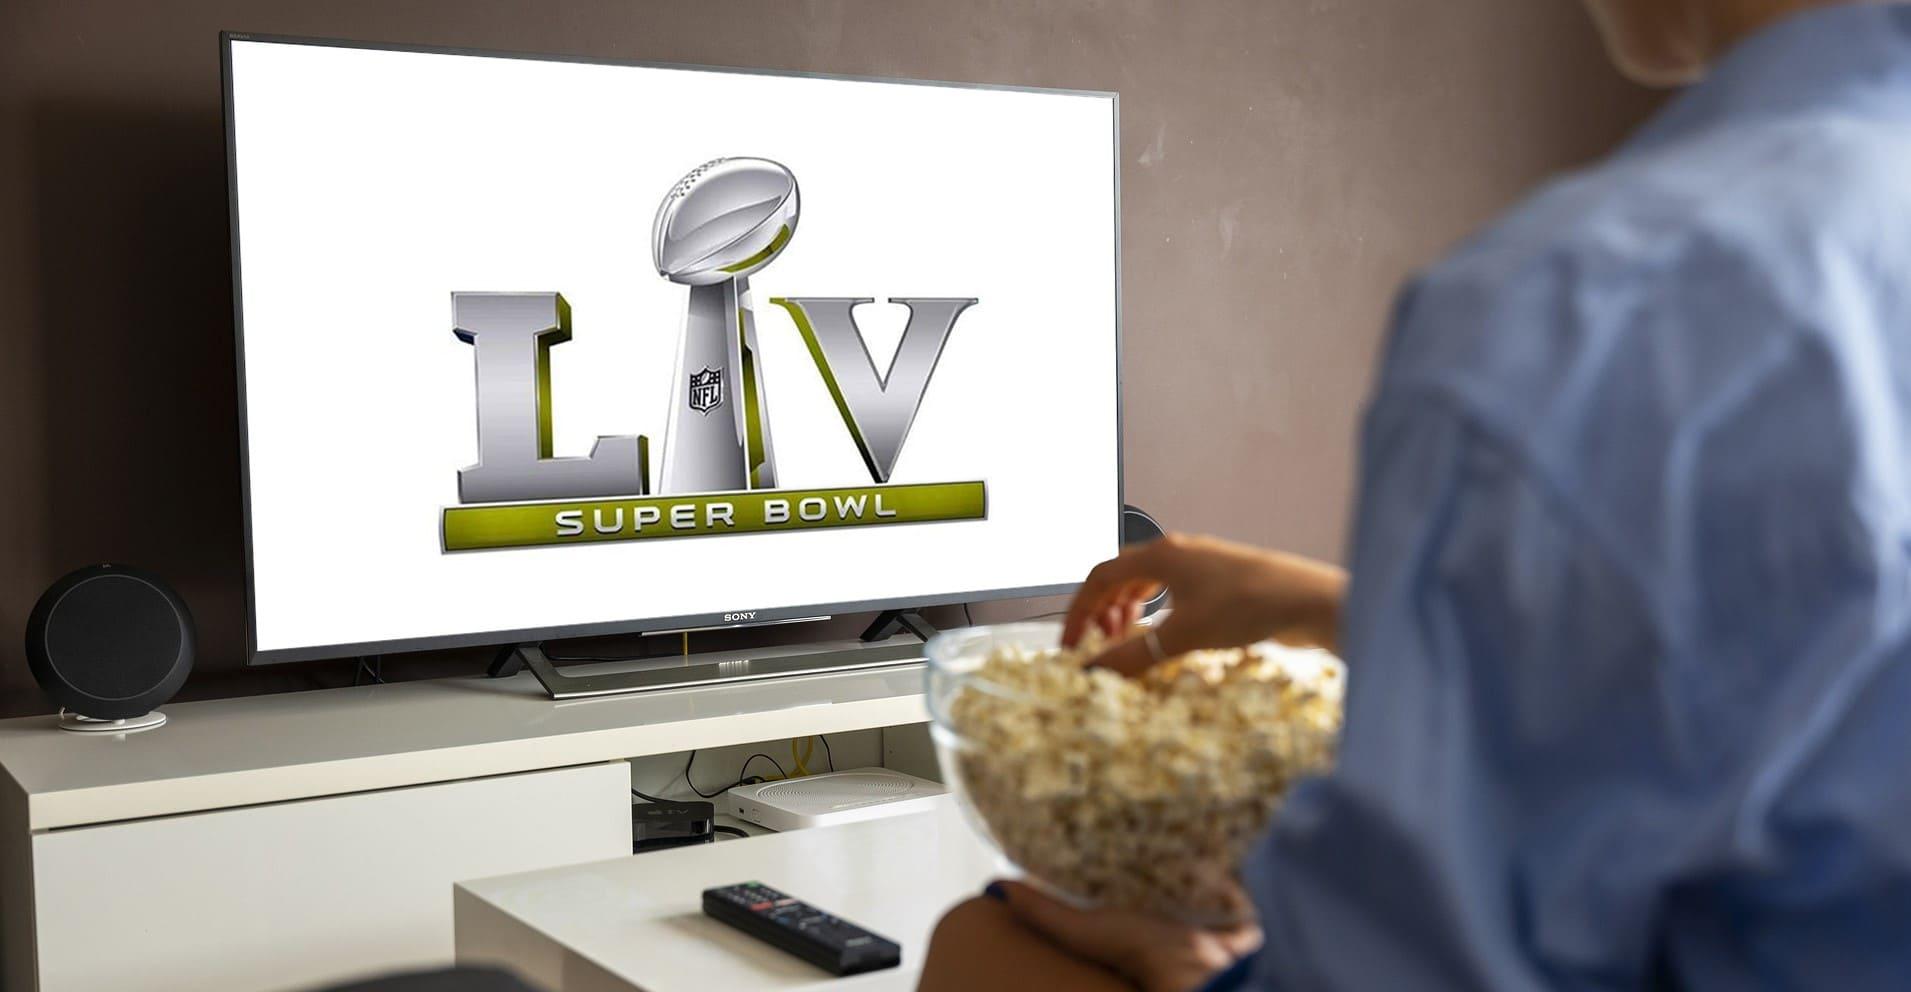 Нові рекламні ролики випущені і показані на Super Bowl LV 2021